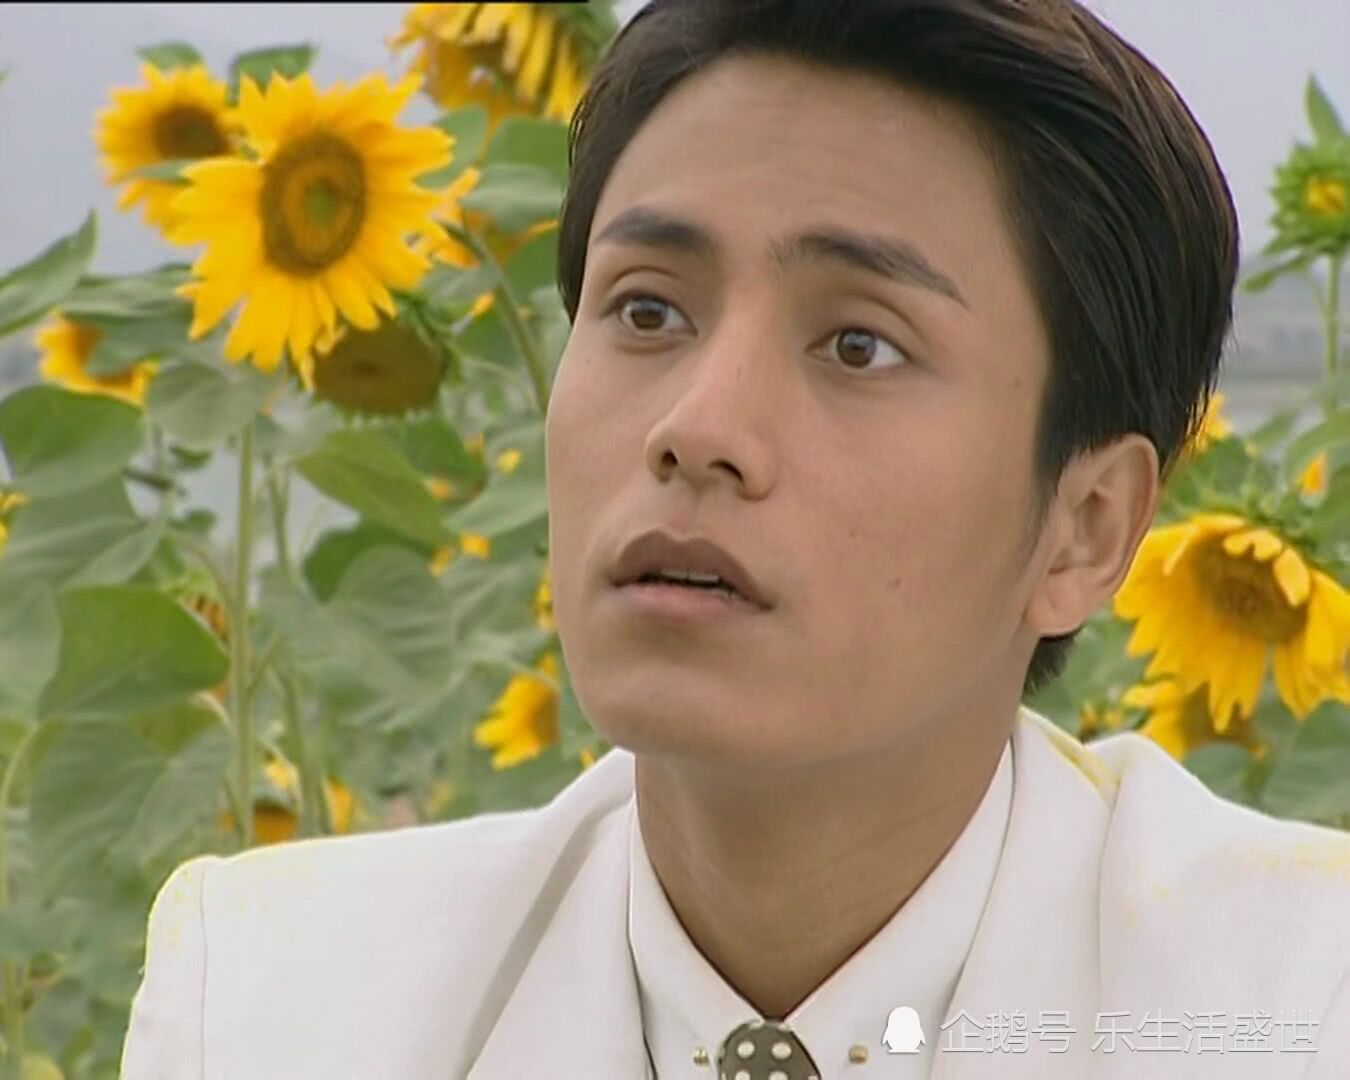 金粉世家:观赏向日葵时,为何冷清秋会独自离开花海?不愧是才女